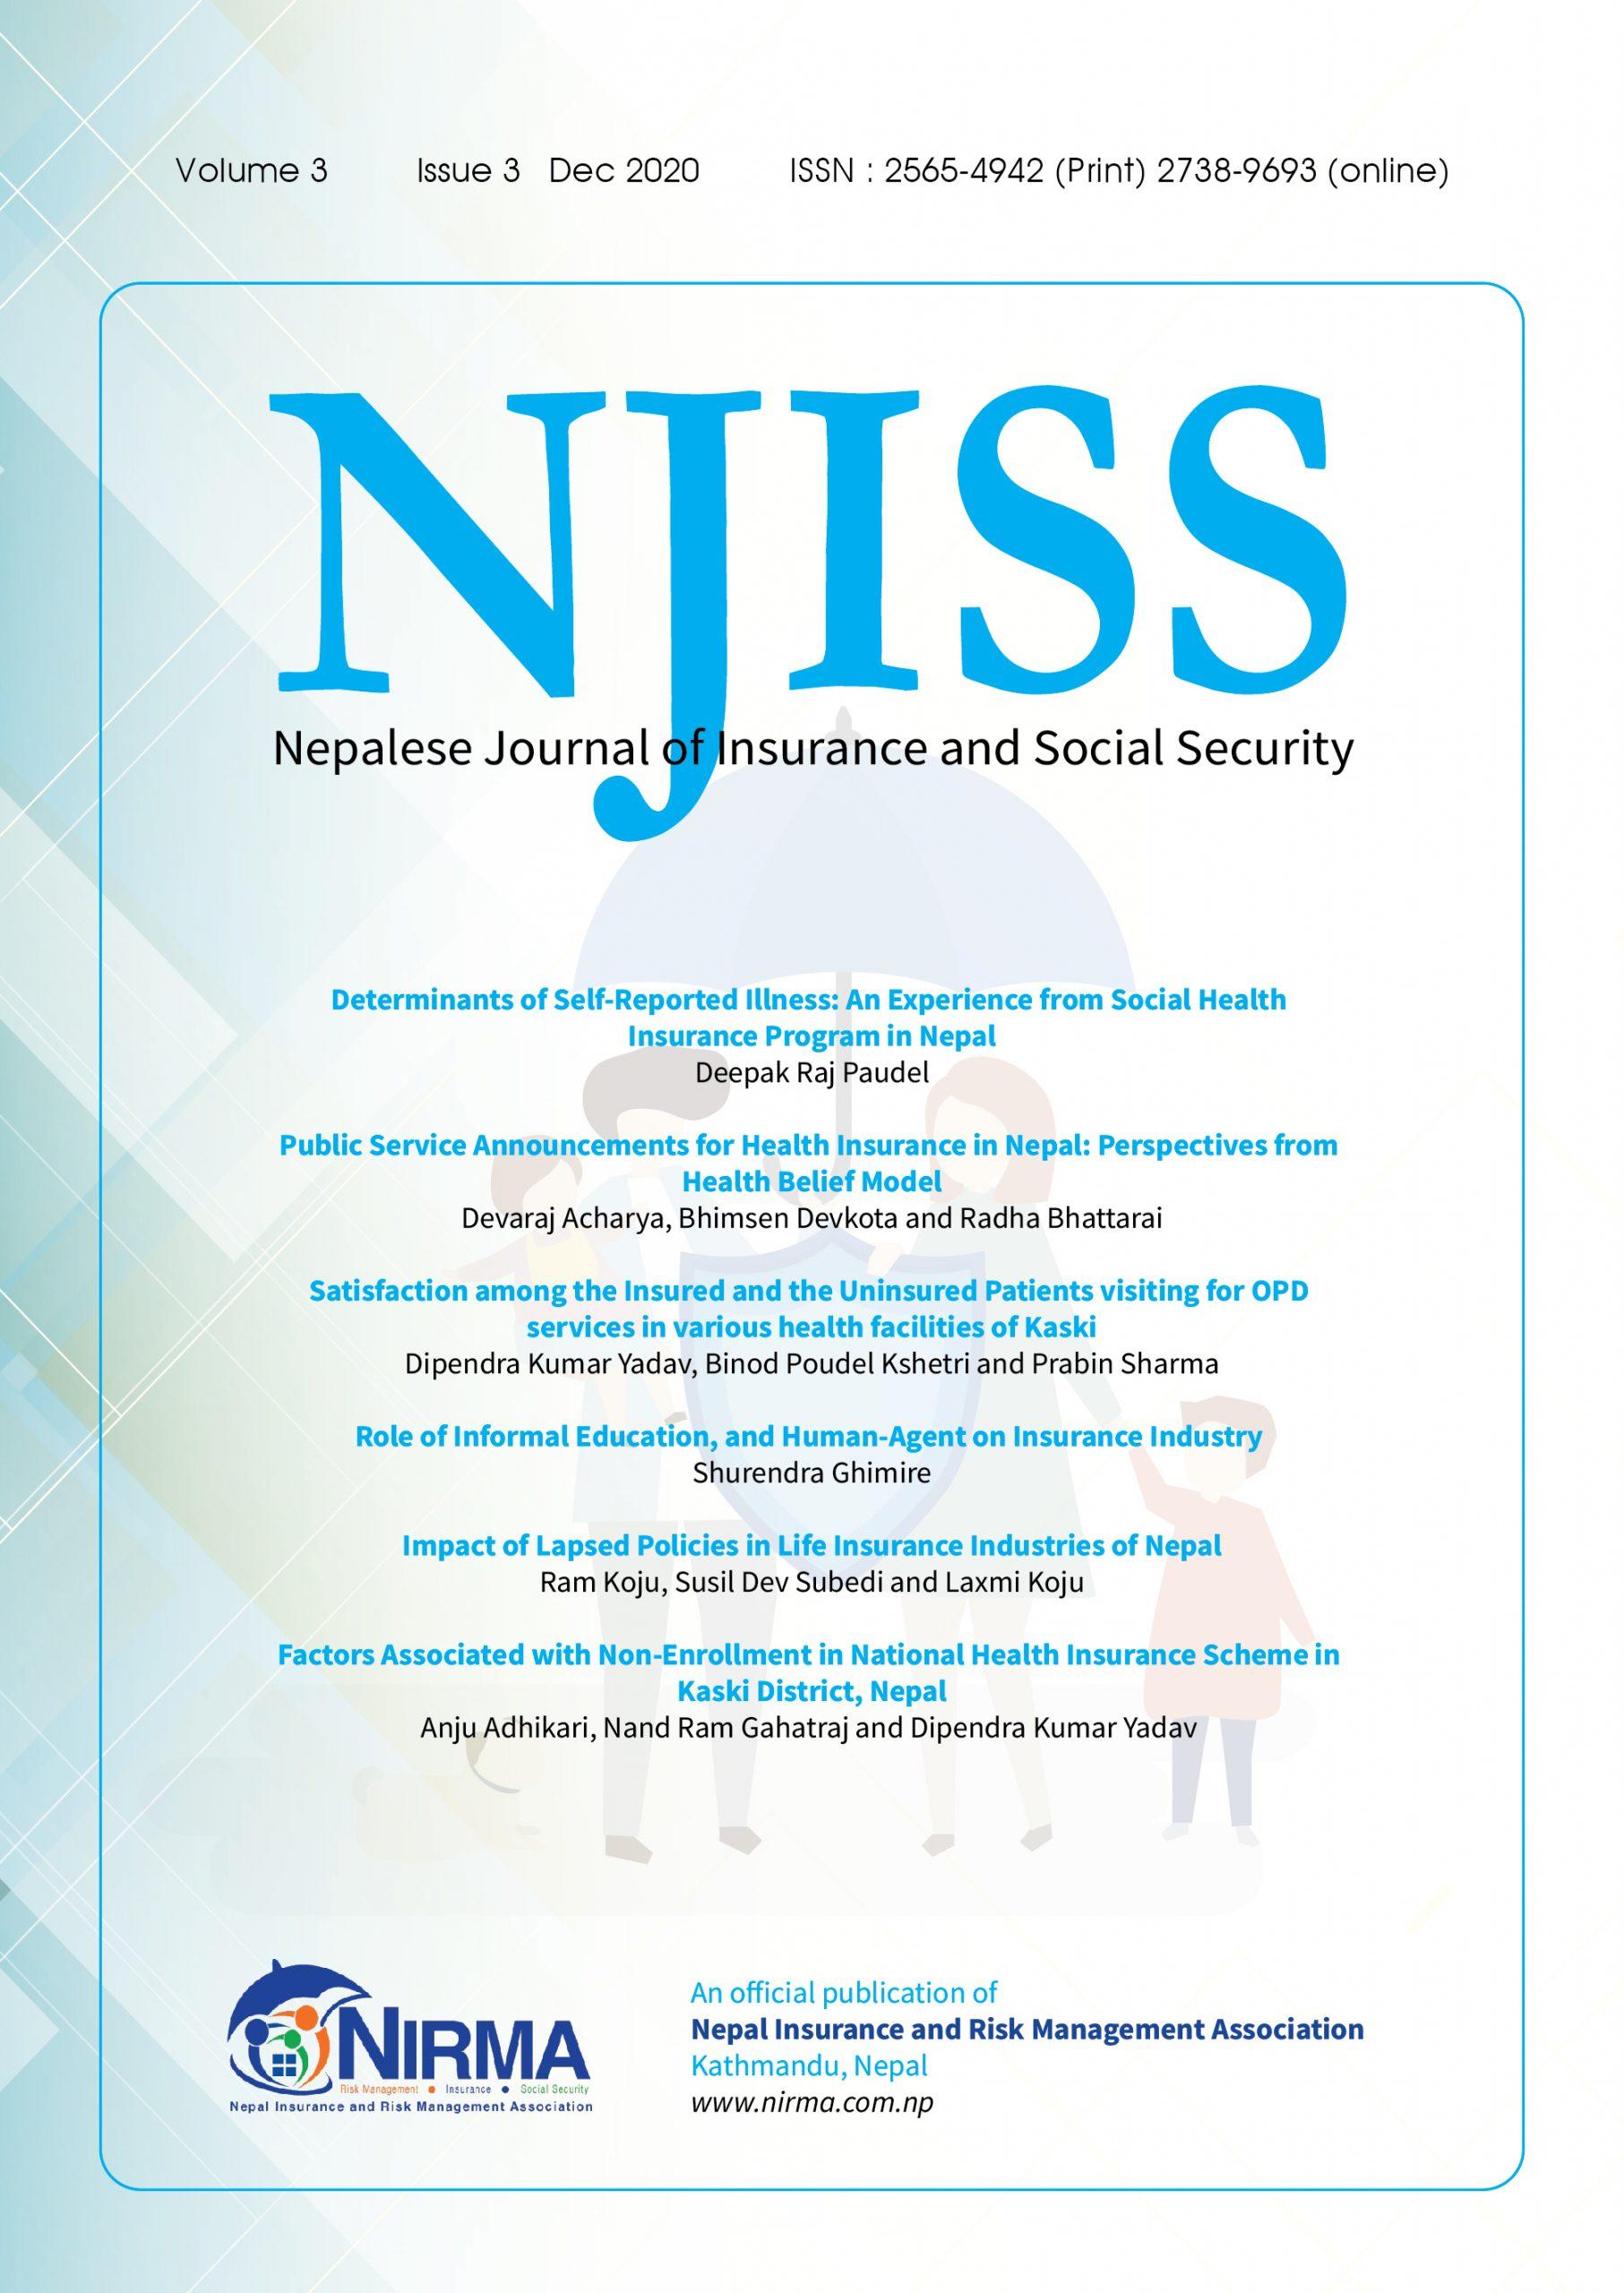 नेप्लिज जर्नल अफ इन्स्योरेन्स एण्ड सोसल सेक्युरिटिको तेस्रो अंक प्रकाशित